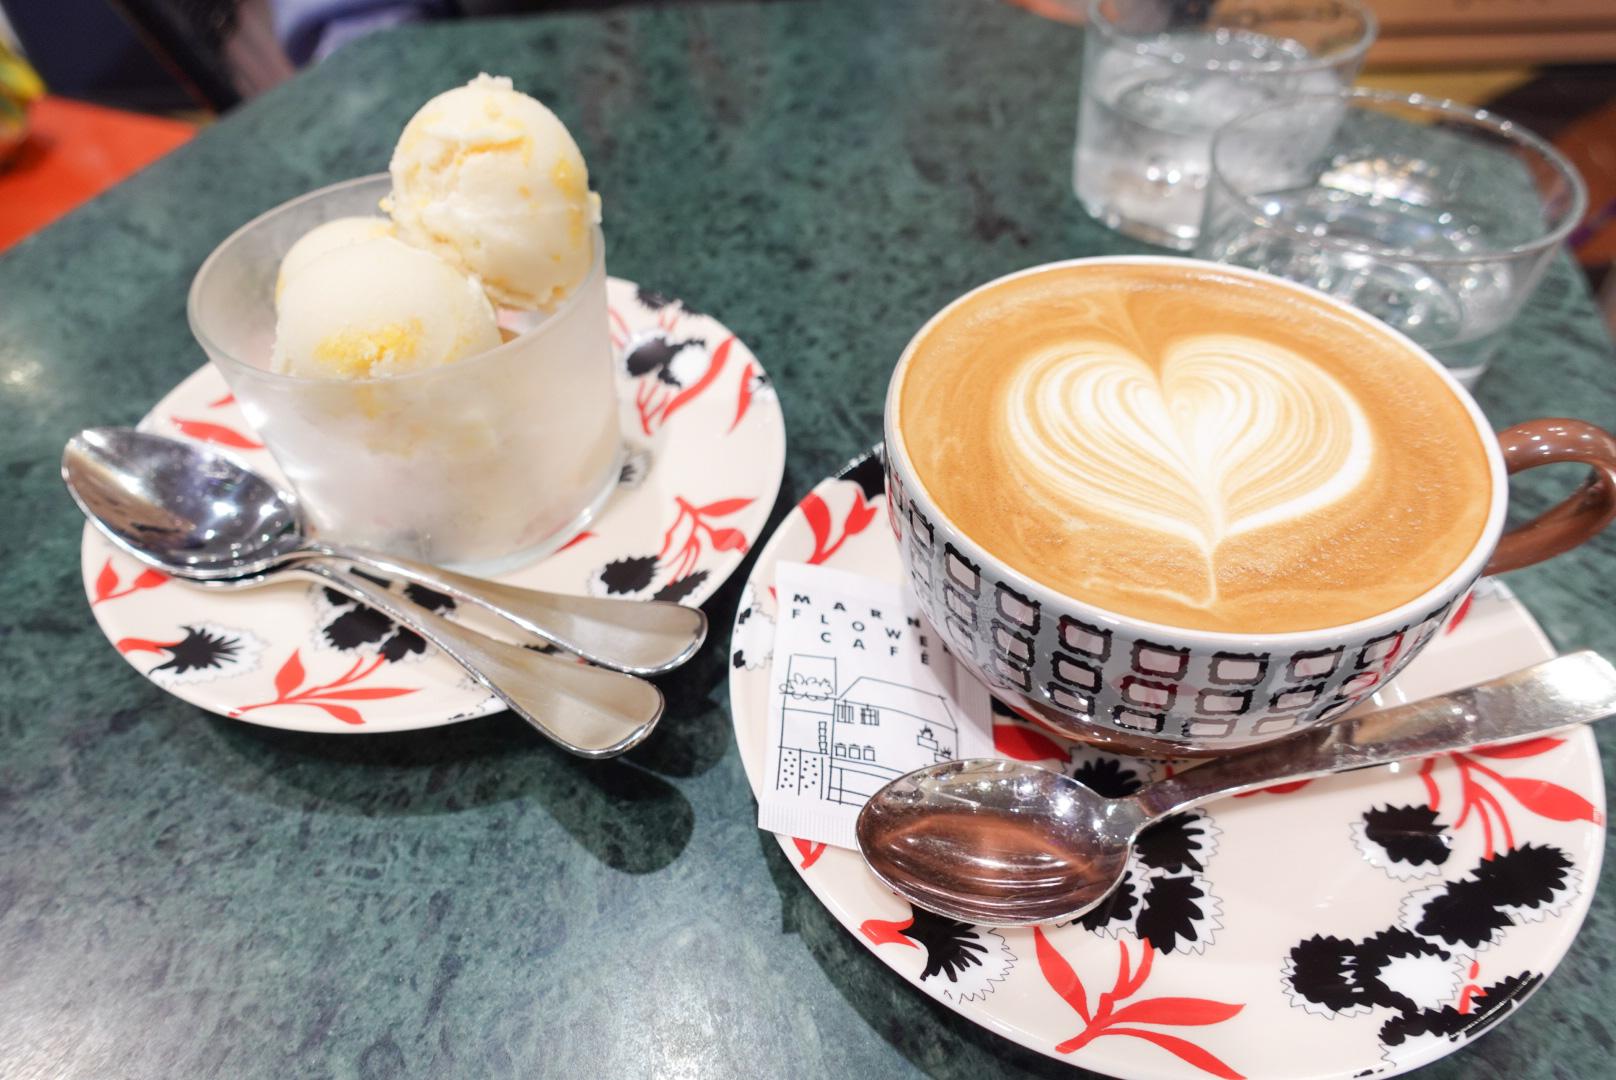 【大阪】阪急うめだ本店にMARNI のカフェが!?「MARNI FLOWER CAFE」ではスイーツやランチも楽しめてかわいいクッキーも買えちゃう!?_3